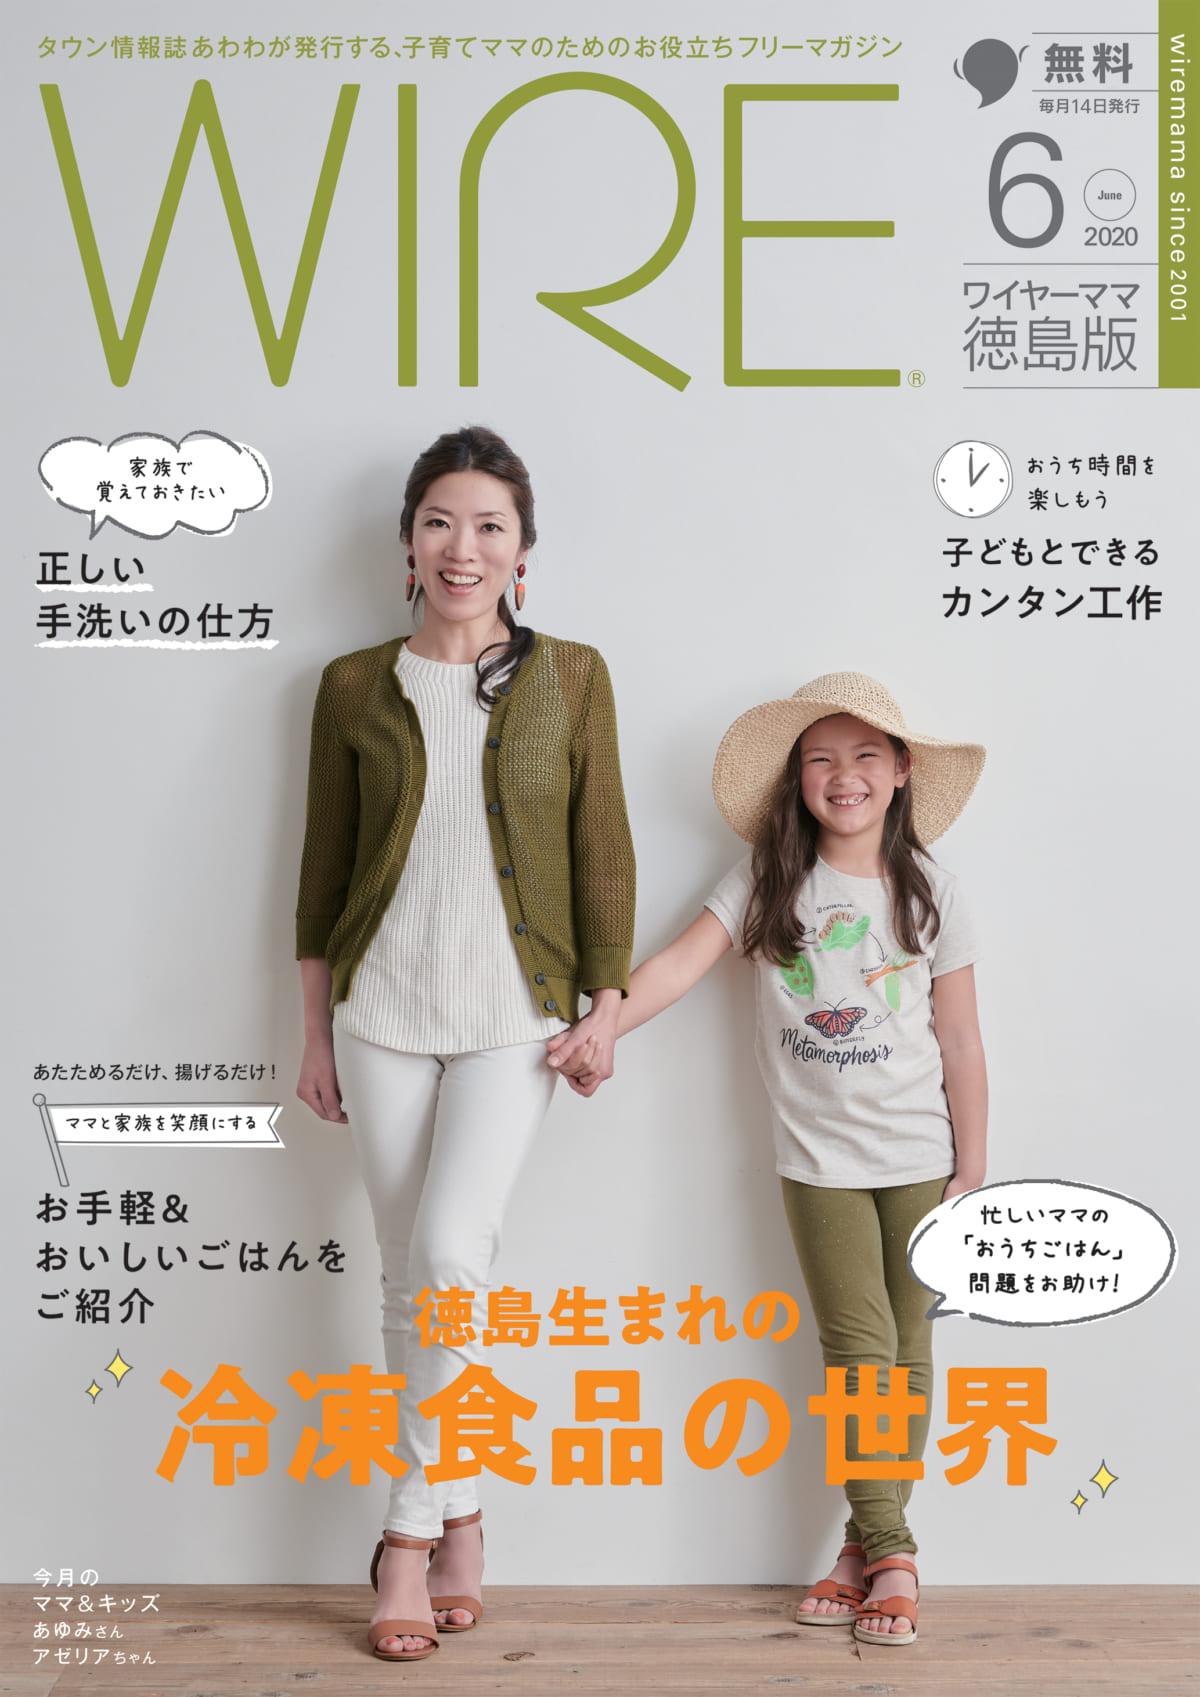 月刊ワイヤーママ年間郵送購読 1年間12冊(送料のみ1200円)